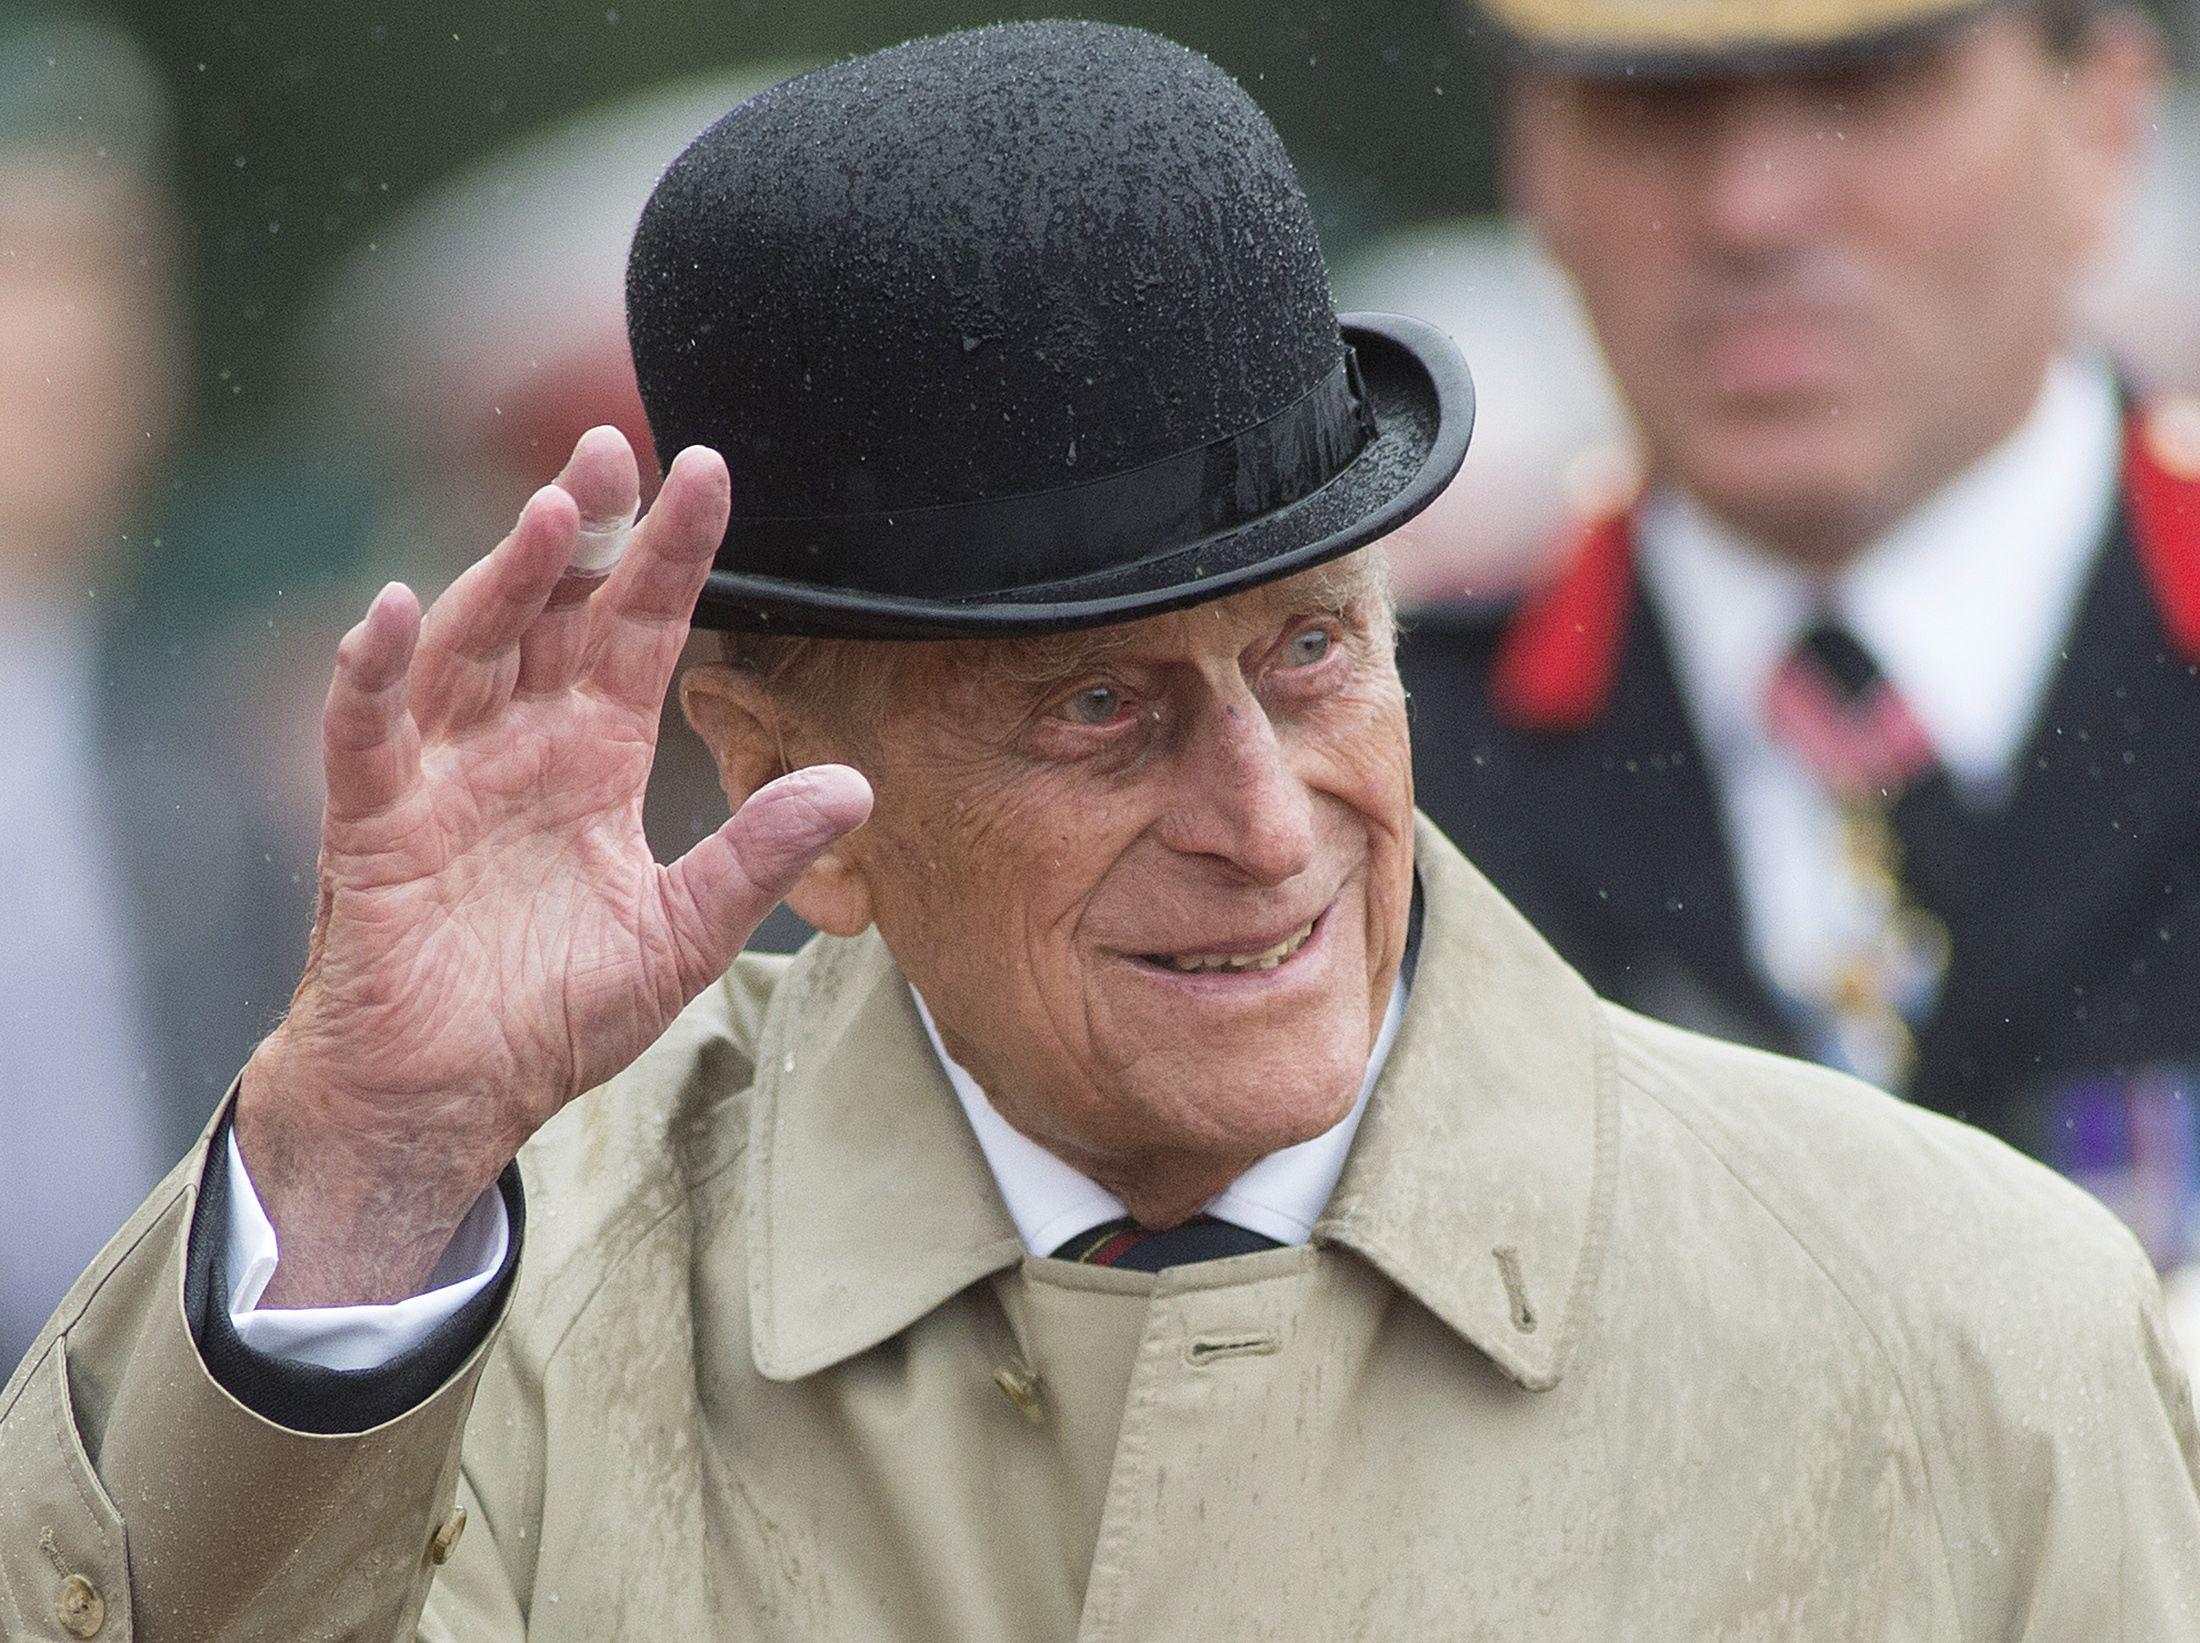 How the Coronavirus Is Impacting the British Royal Family